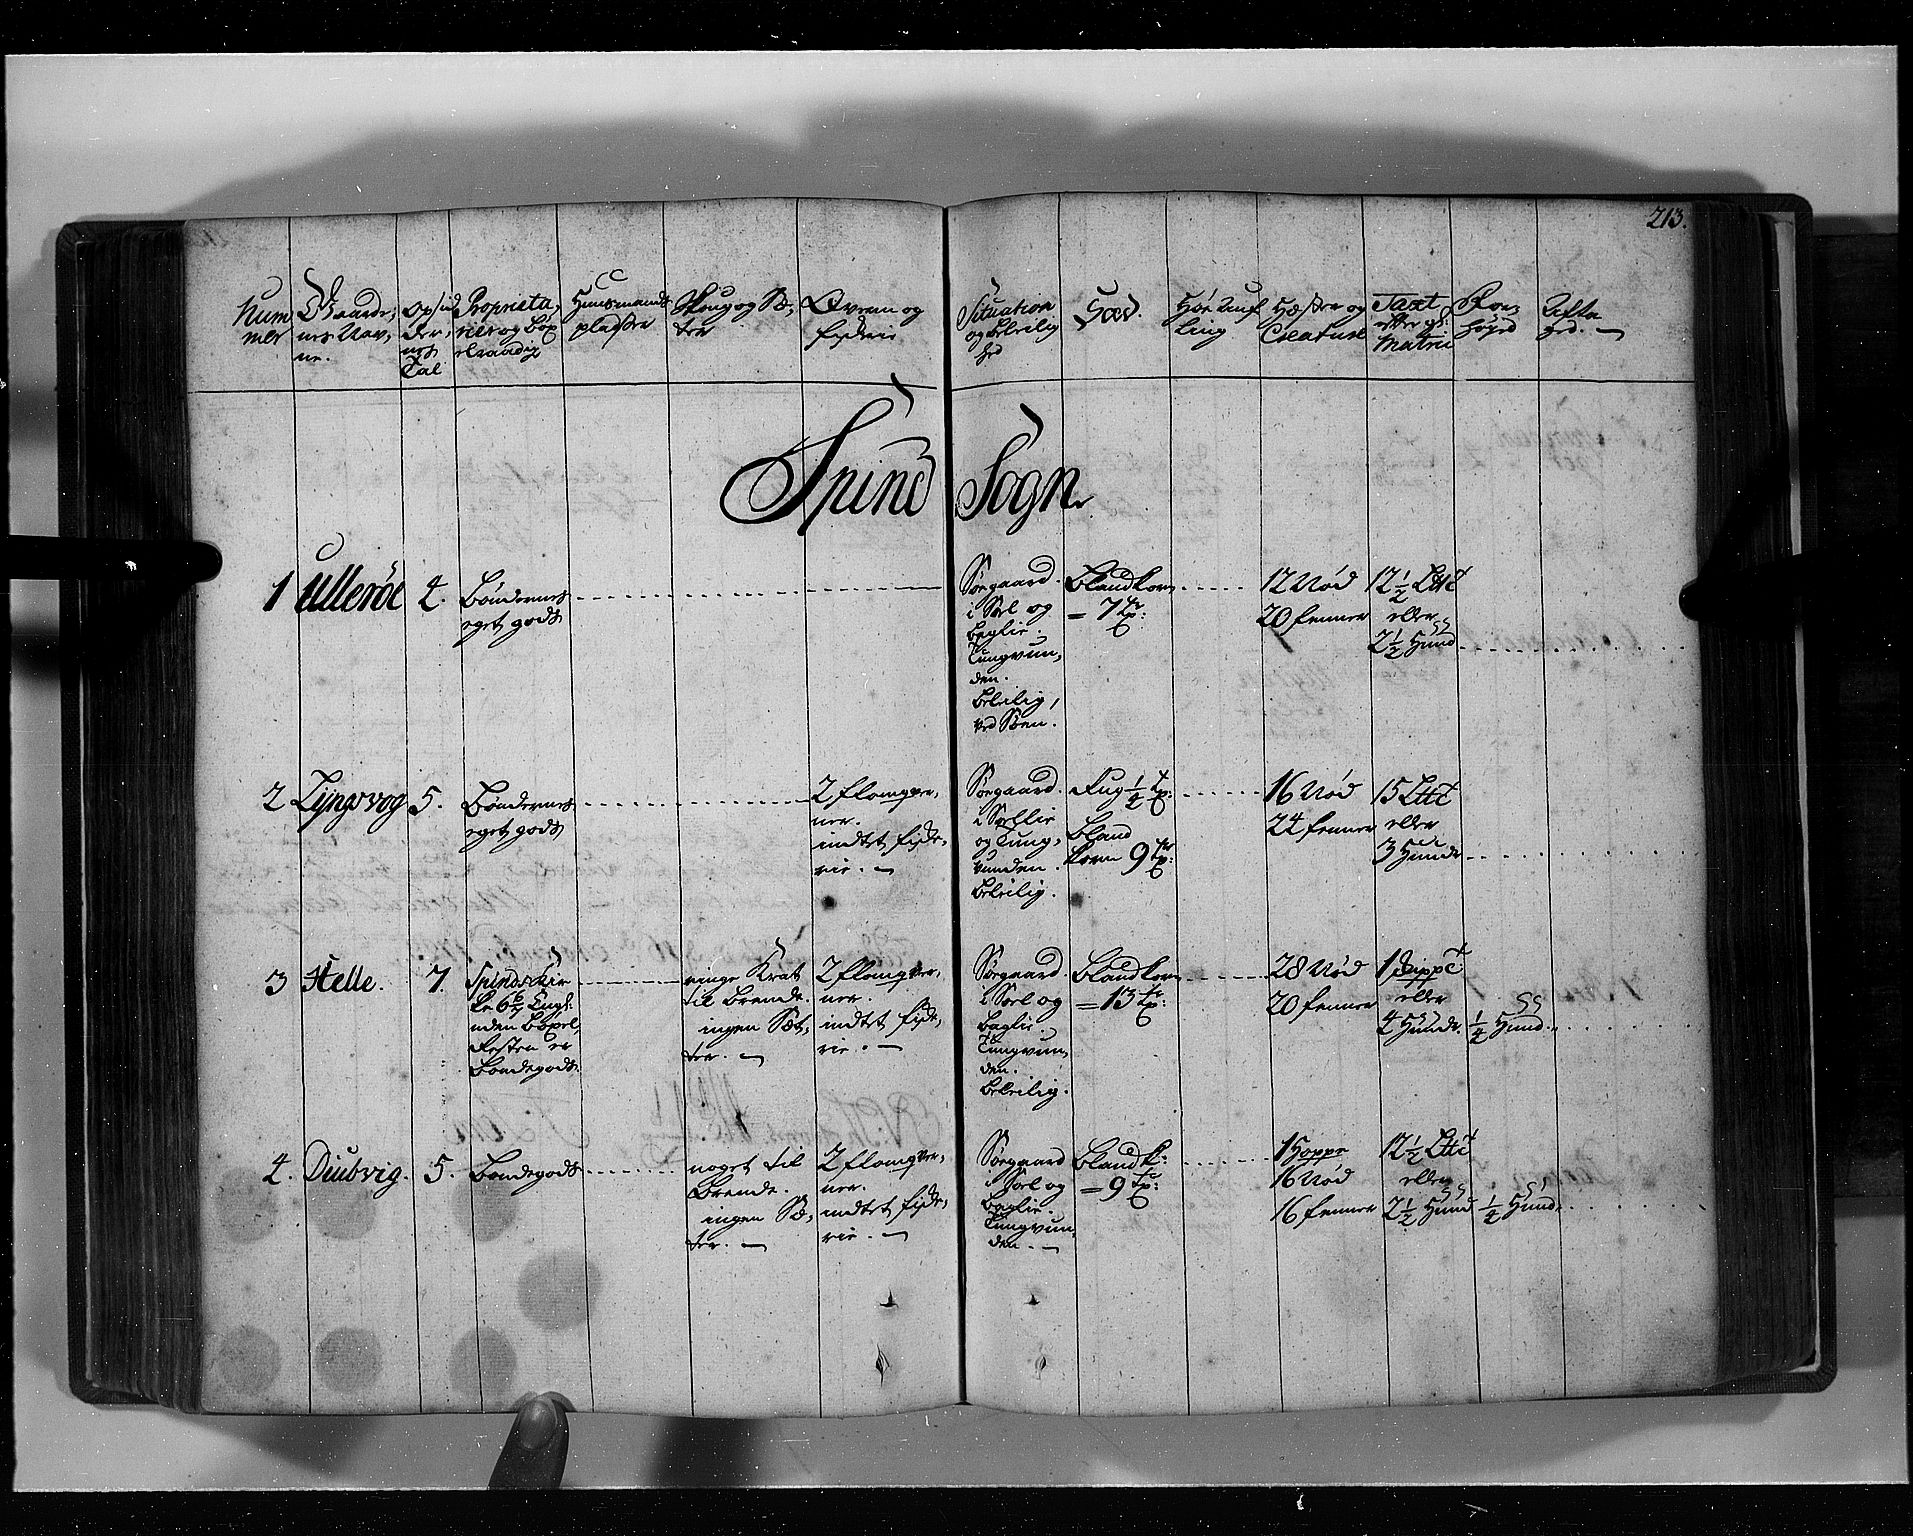 RA, Rentekammeret inntil 1814, Realistisk ordnet avdeling, N/Nb/Nbf/L0129: Lista eksaminasjonsprotokoll, 1723, s. 212b-213a